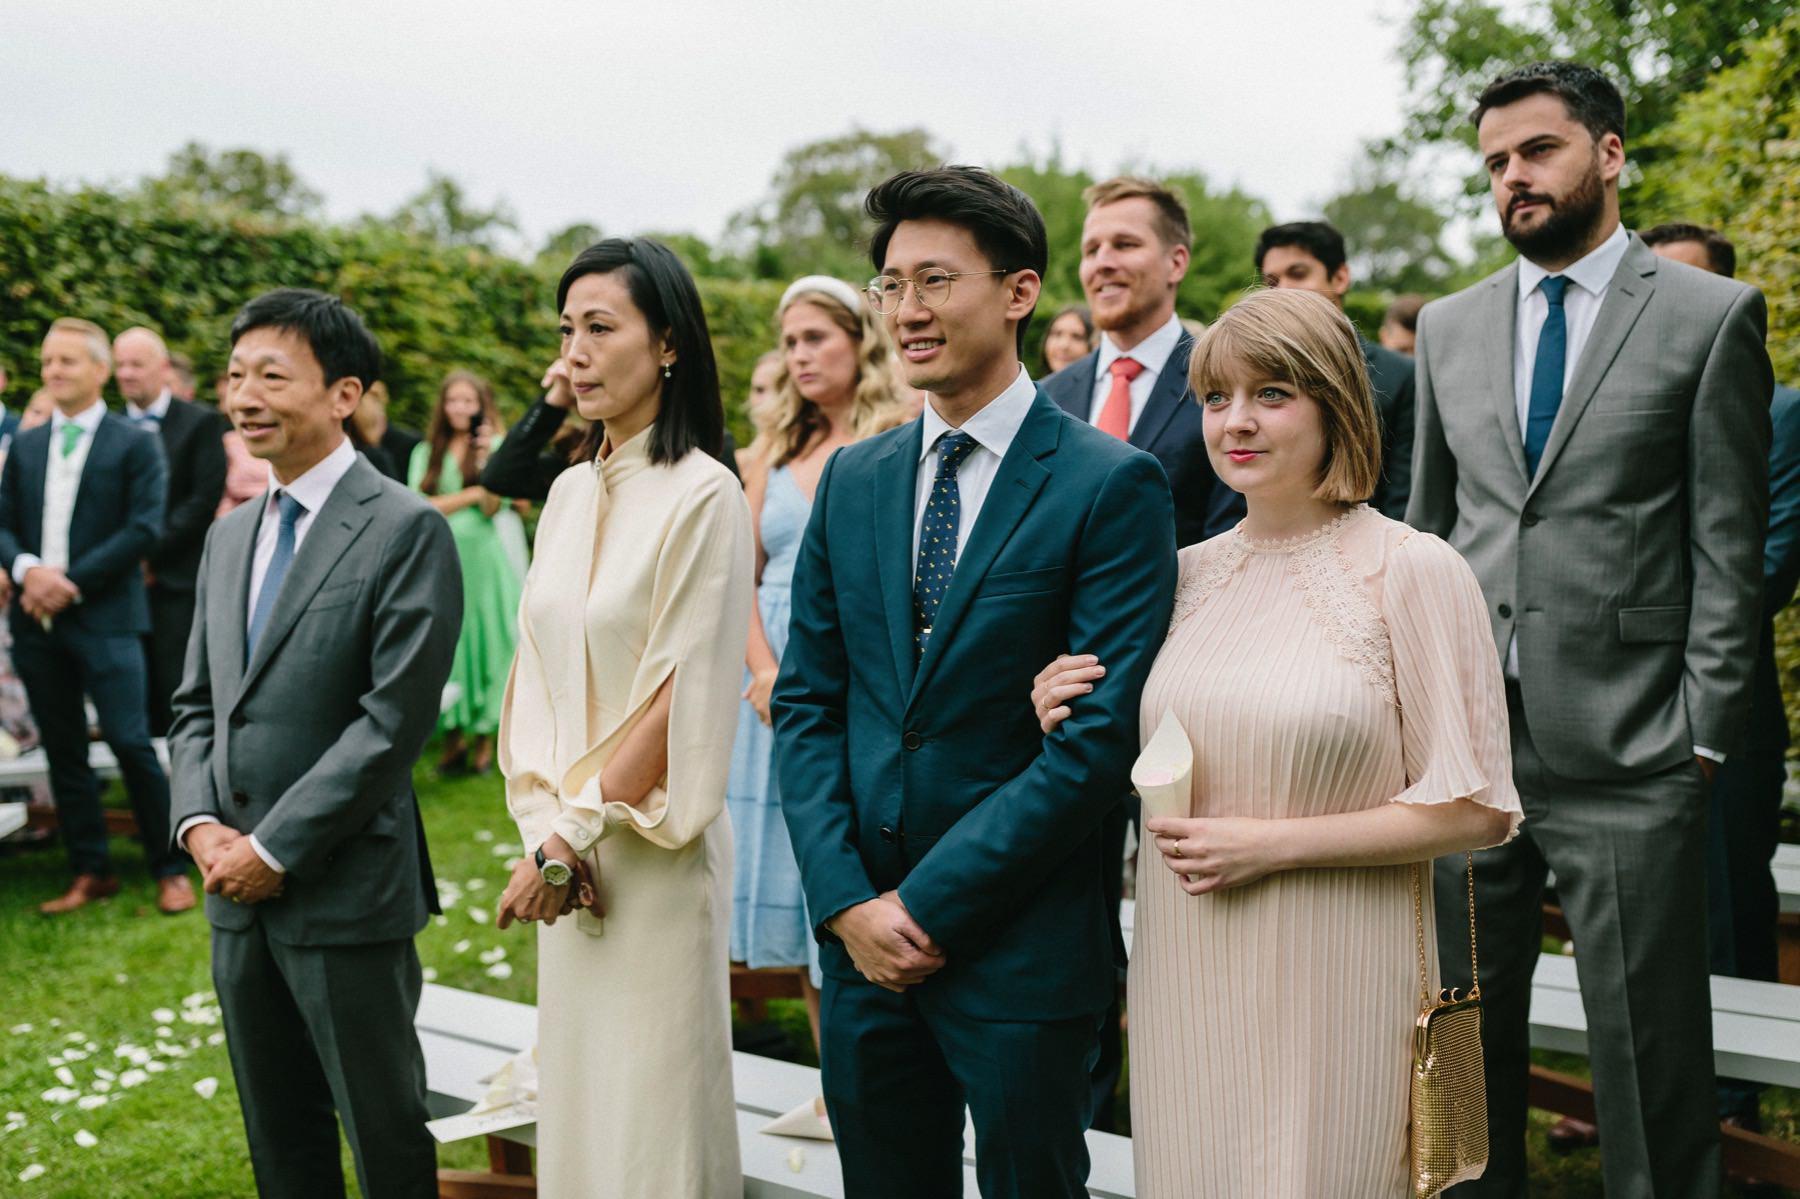 Rosendals Trädgård wedding ceremony